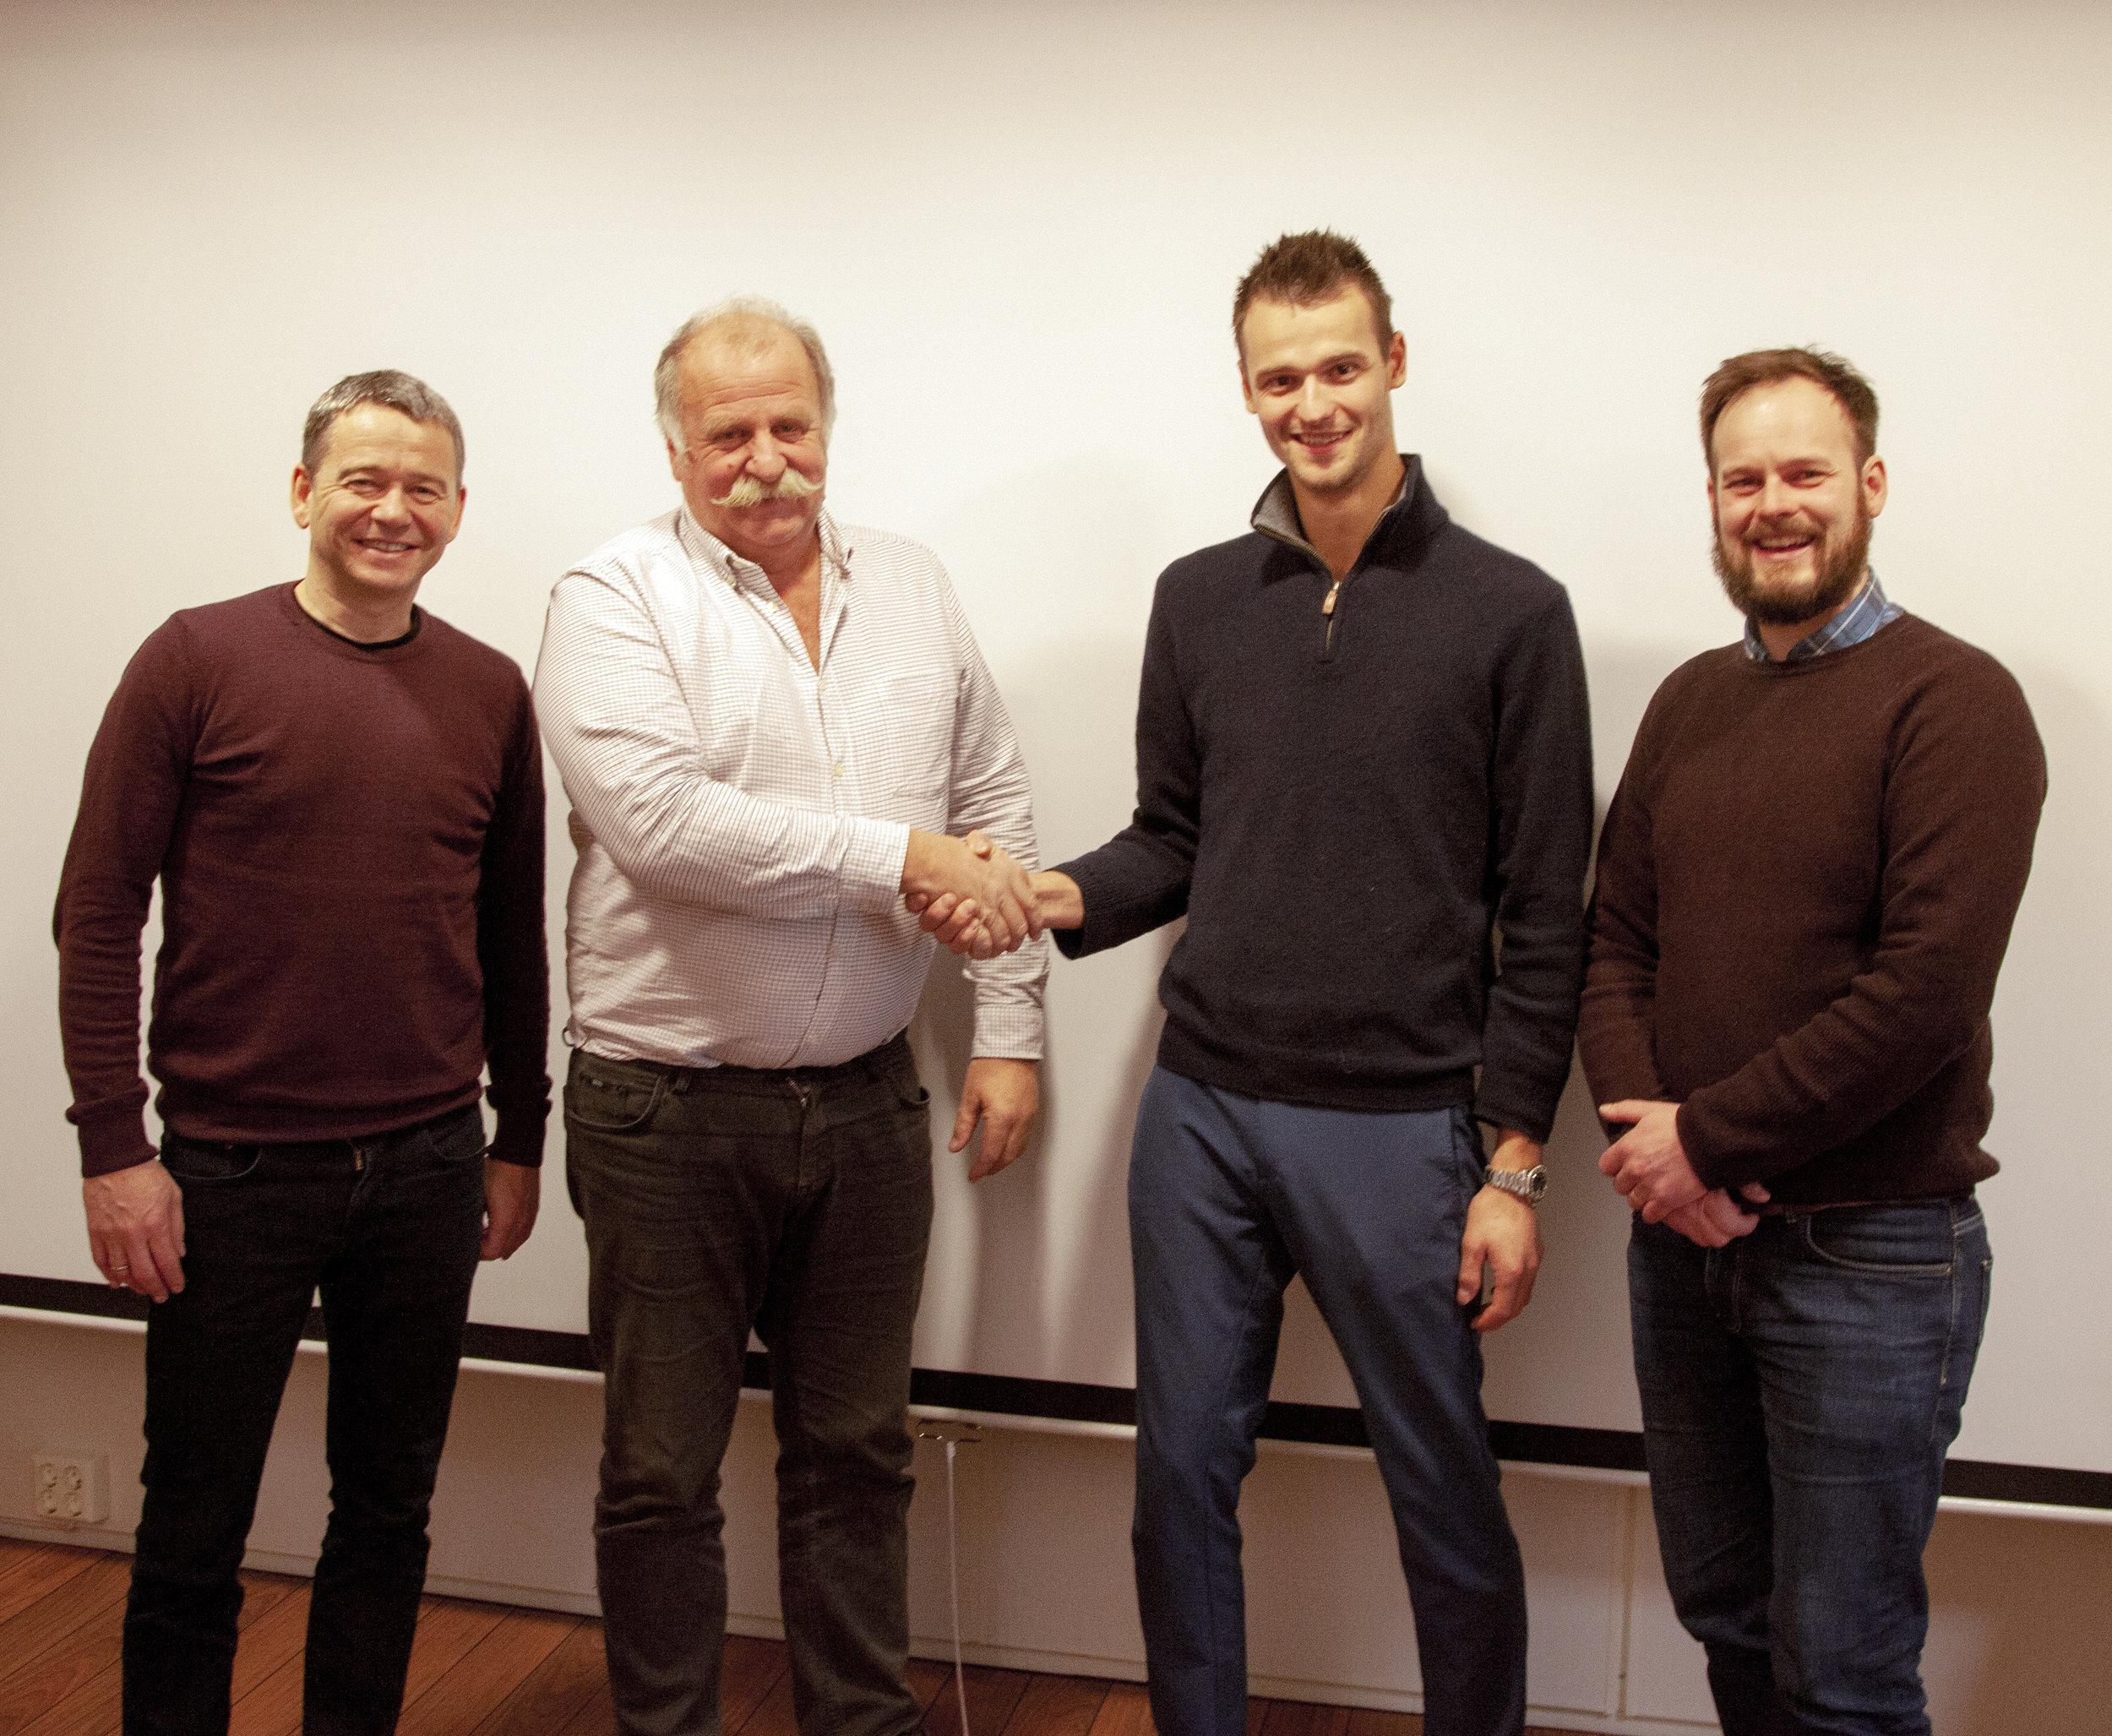 Bildetekst: Fra venstre Klaus Kjerstad (Adm. Dir. ACEL), Kåre Høglund (Styreformann Høglund Gruppen), Kjell-Christian Krohn Dale (Styreformann HPS), Bengt-Olav Berntsen (Adm. Dir. HPS).